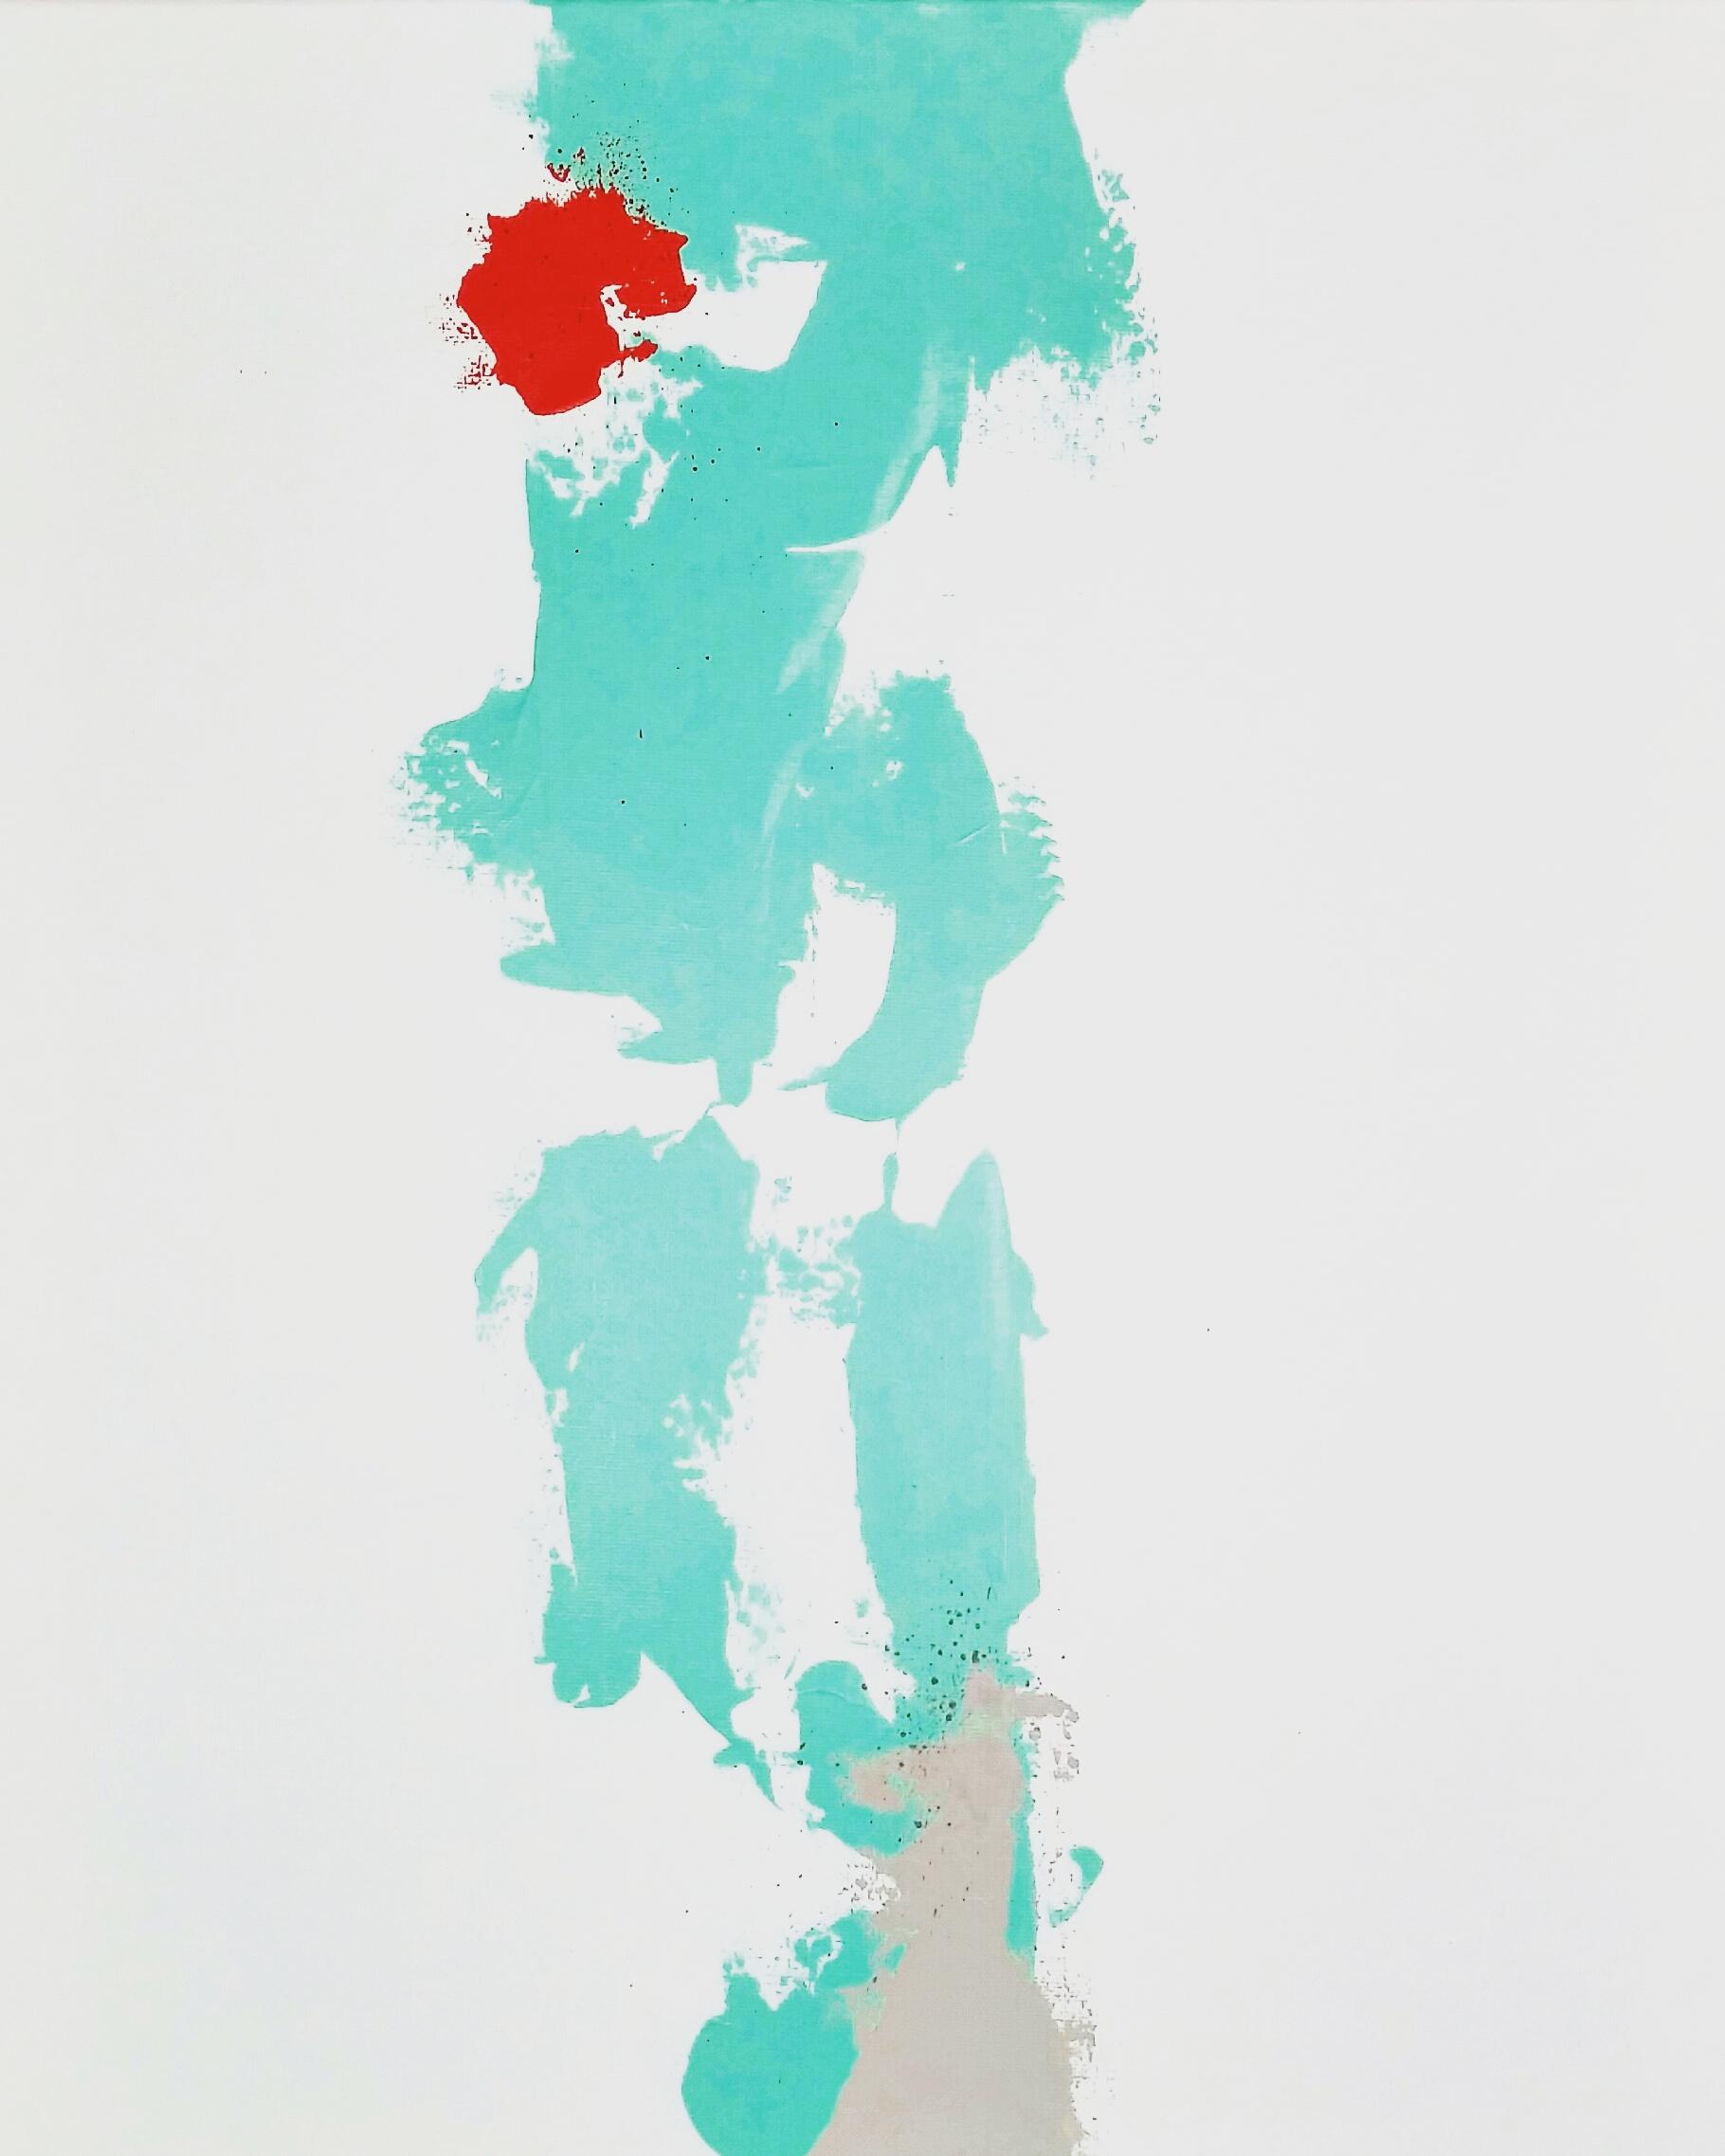 """RISE / acrylic / 16"""" x 20"""" on canvas"""